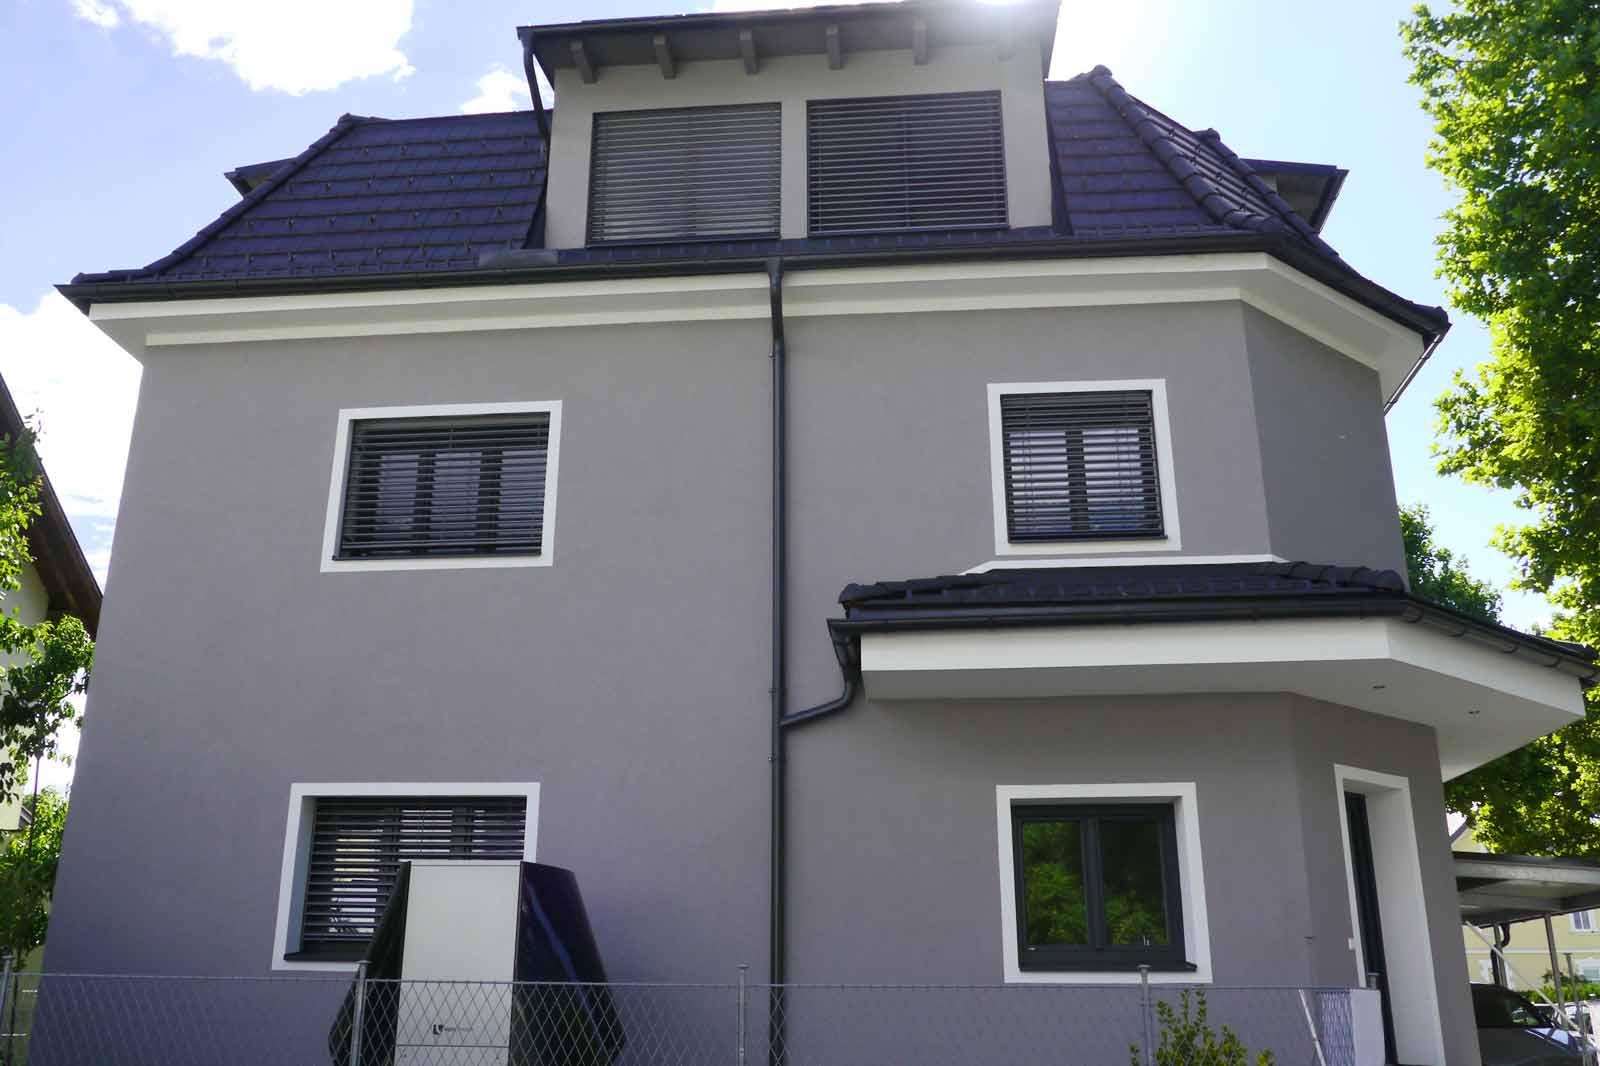 Zweifamilienhaus frontal mit Wärmepumpe und Sonnenschein